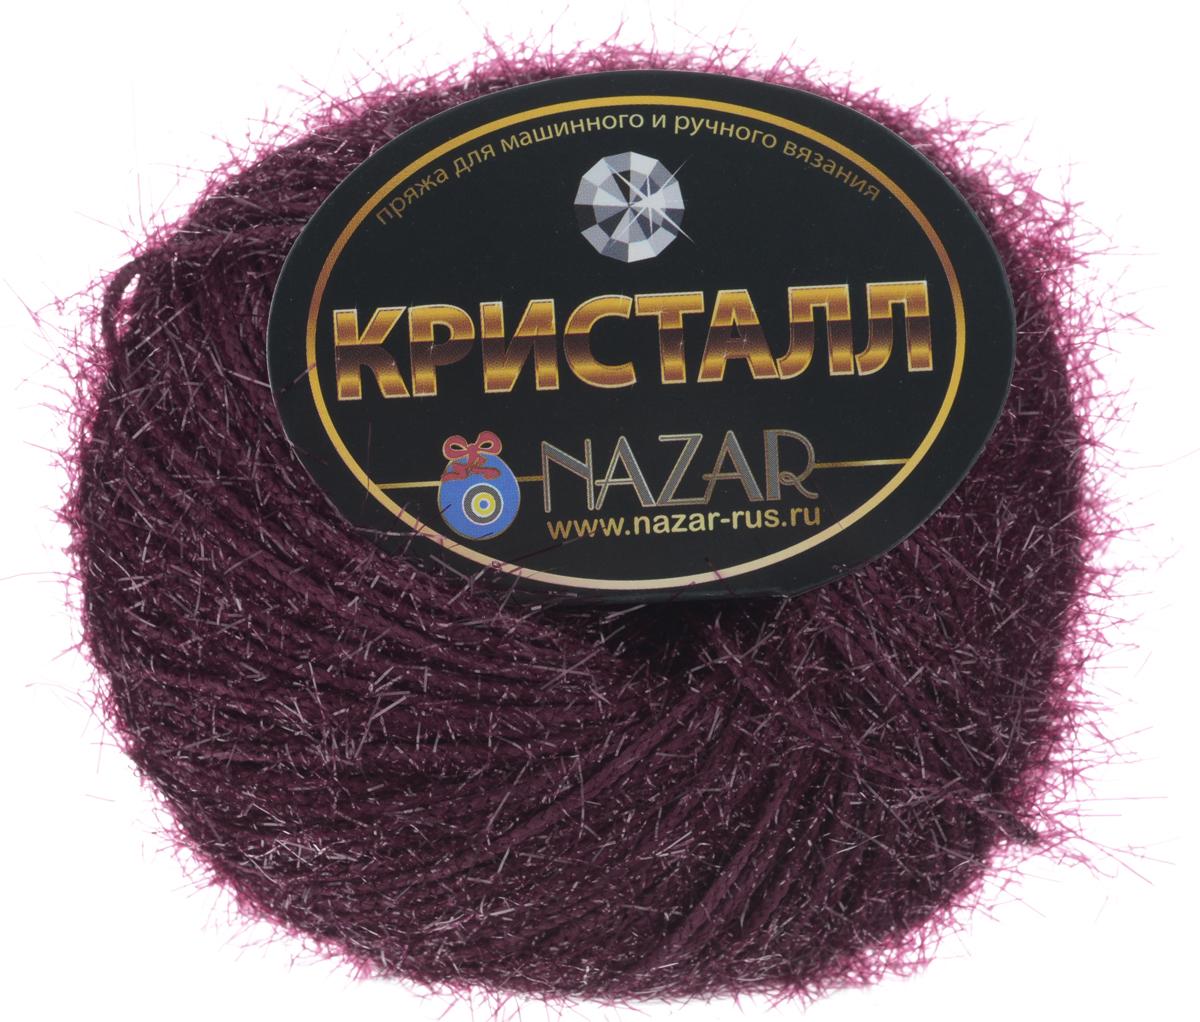 Пряжа для вязания Nazar Кристалл, цвет: темно-вишневый (120), 125 м, 50 г, 10 шт349005_120 т.вишняПряжа Nazar Кристалл - это фантазийная пряжа, изготовленная из люрекса и полиэстера. В изделии из этой пряжи вы не останетесь незамеченной, а новогодние игрушки из этой пряжи будут неповторимыми. Изделия практичны в носке и уходе. Рекомендуемые спицы 4-5 мм, крючок 4-5 мм. Комплектация: 10 мотков. Состав: 70% люрекс, 30% полиэстер.